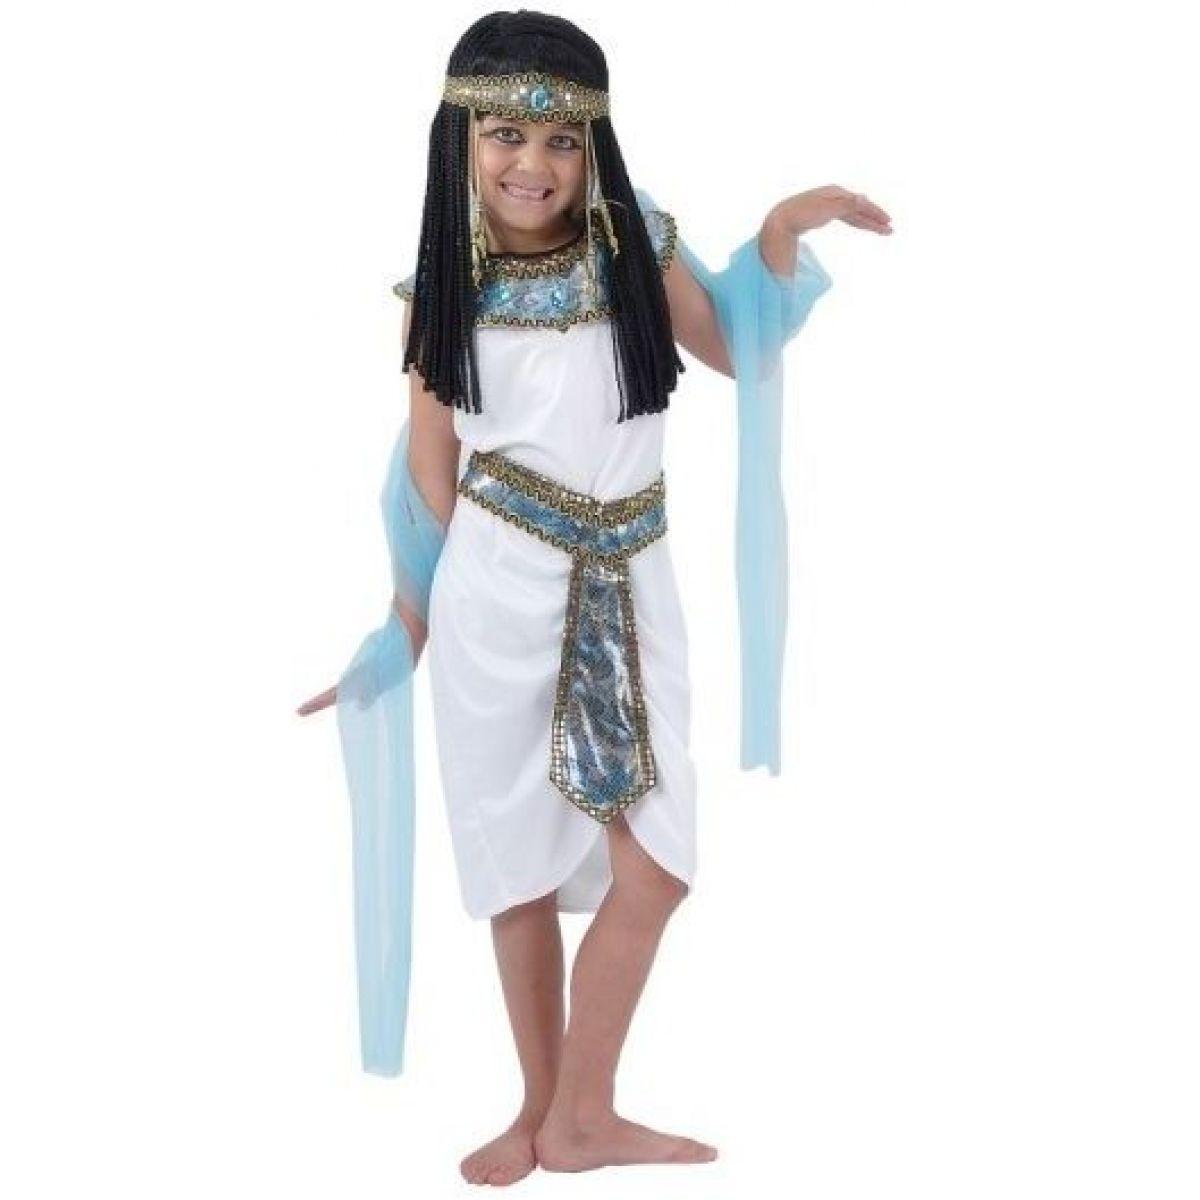 Made Dětský kostým Egyptská královna 120-130cm